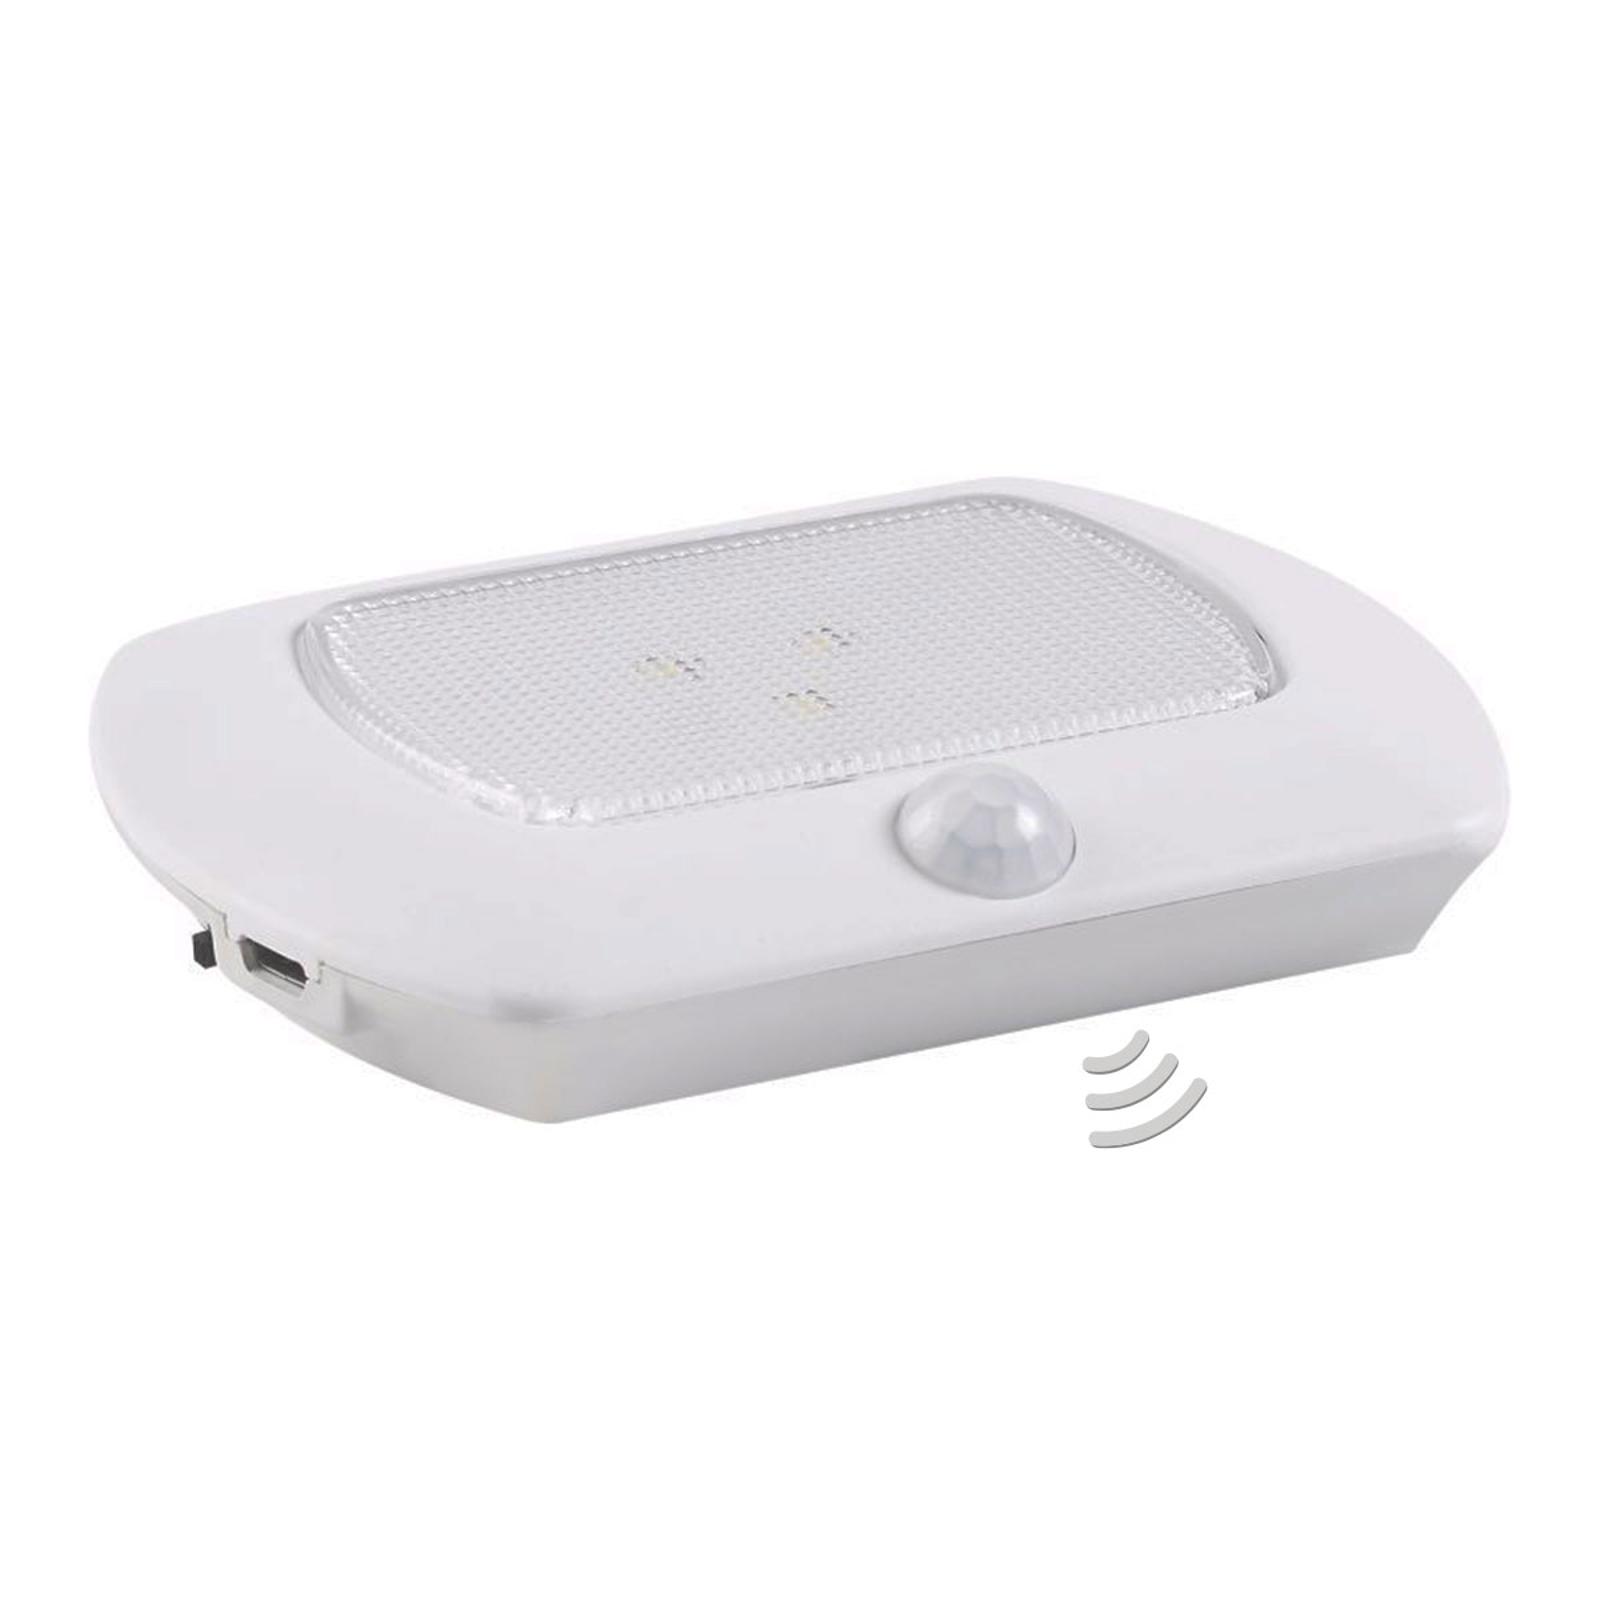 Mobina Sensor 10 LED-Unterschranklampe